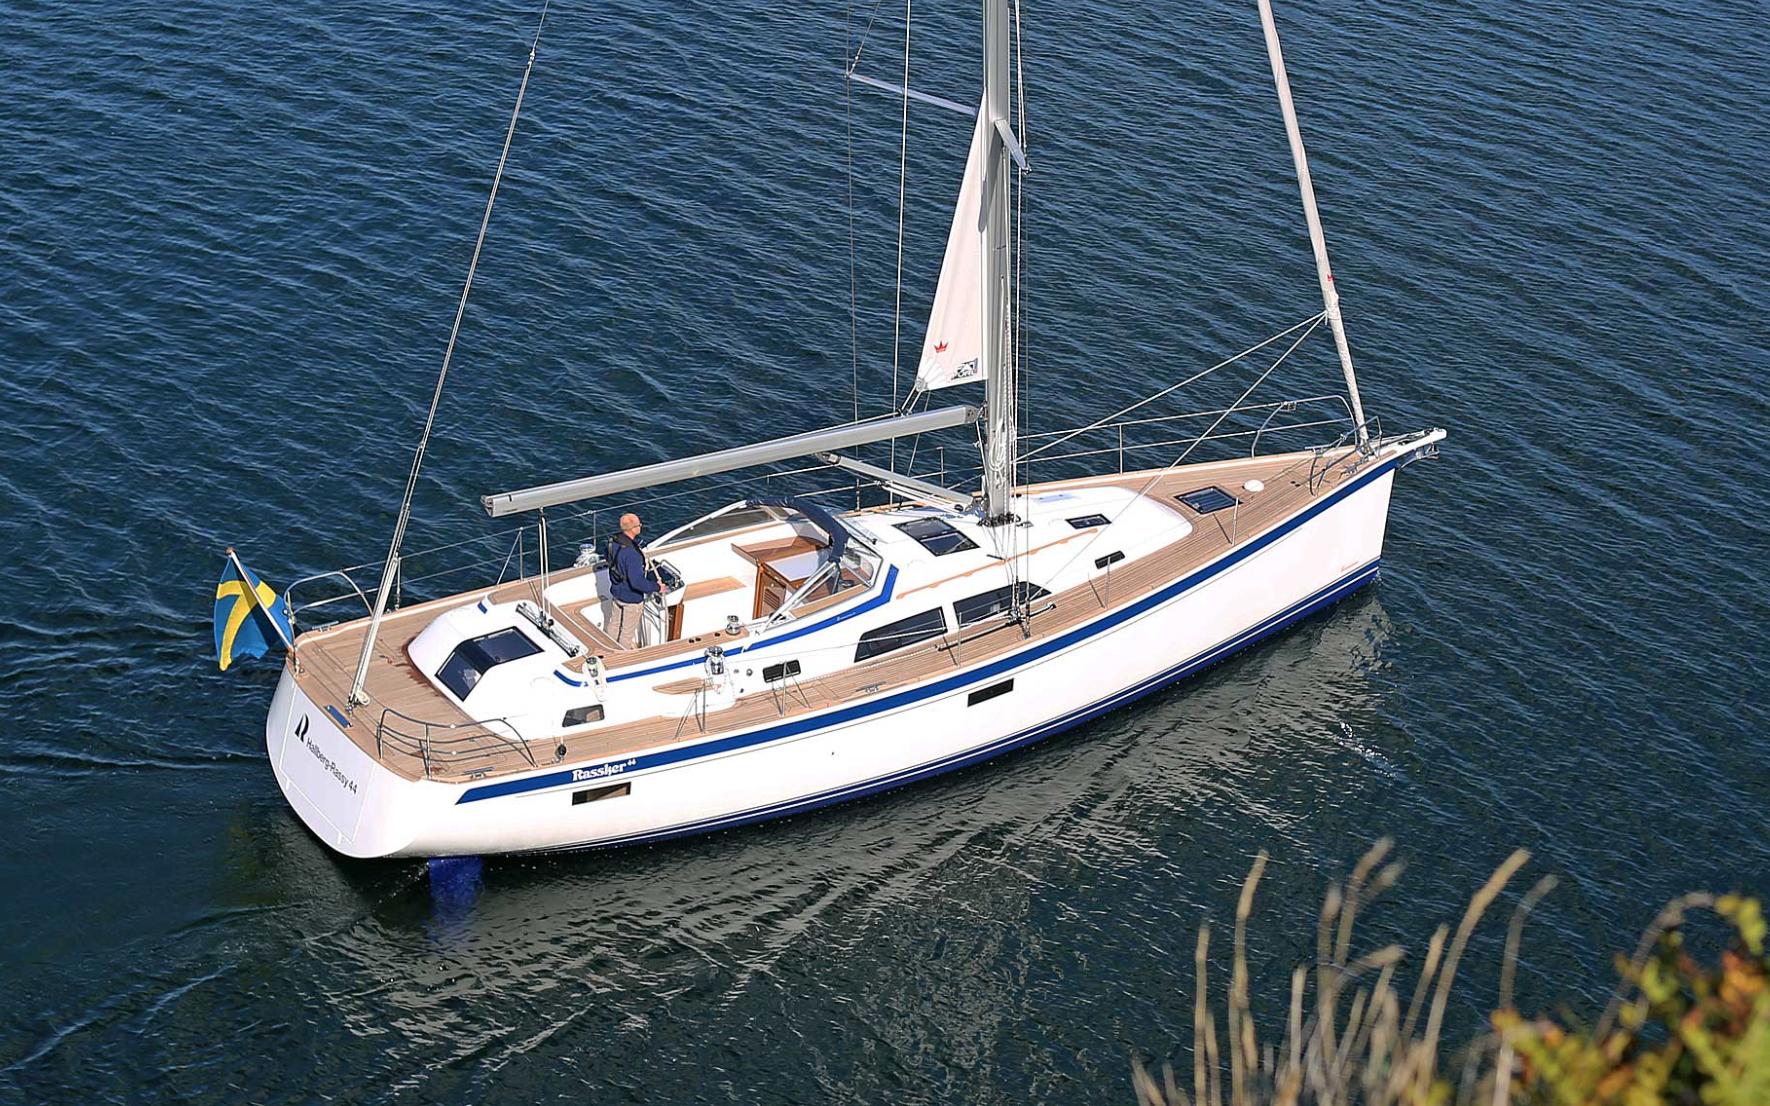 The New Hallberg Rassy 44. Swedish boatbuilding at its very best. Photo: Hallberg Rassy Varvs AB